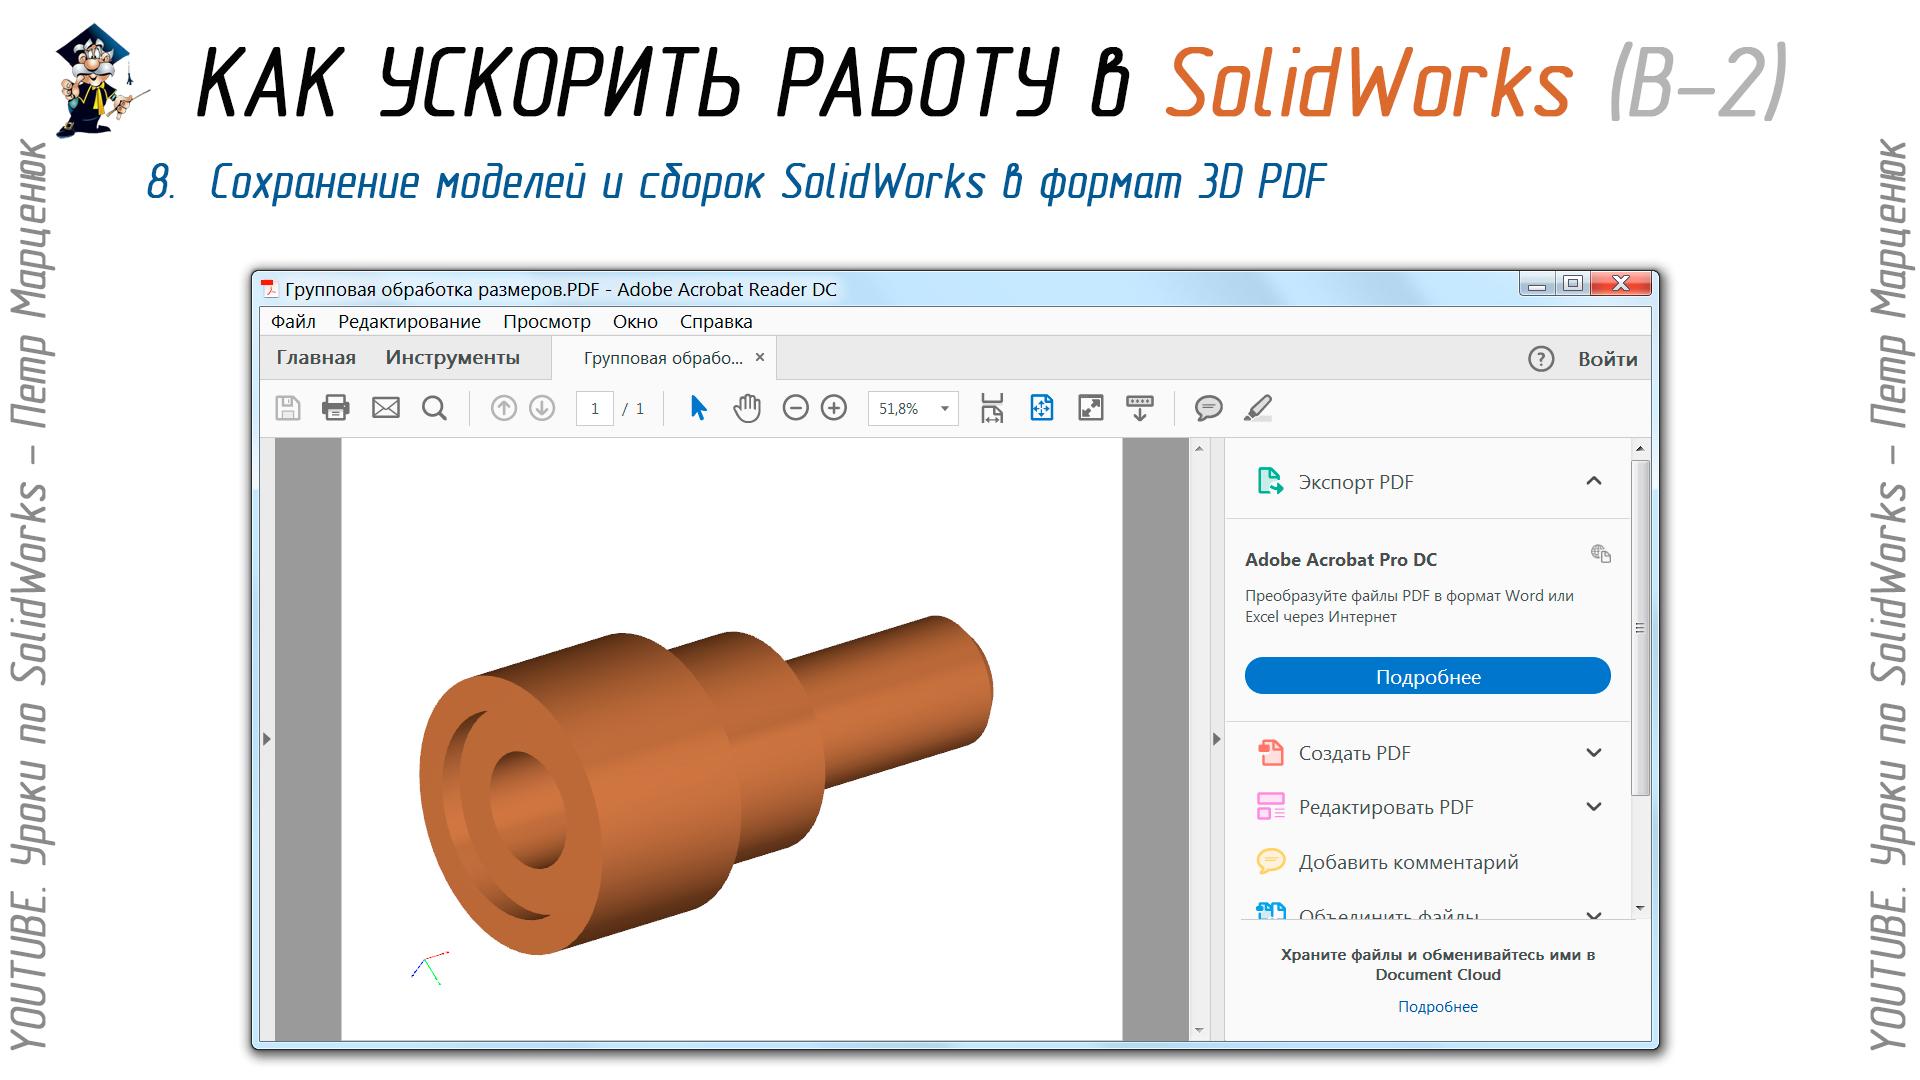 Сохранение моделей и сборок SolidWorks в формат 3D PDF